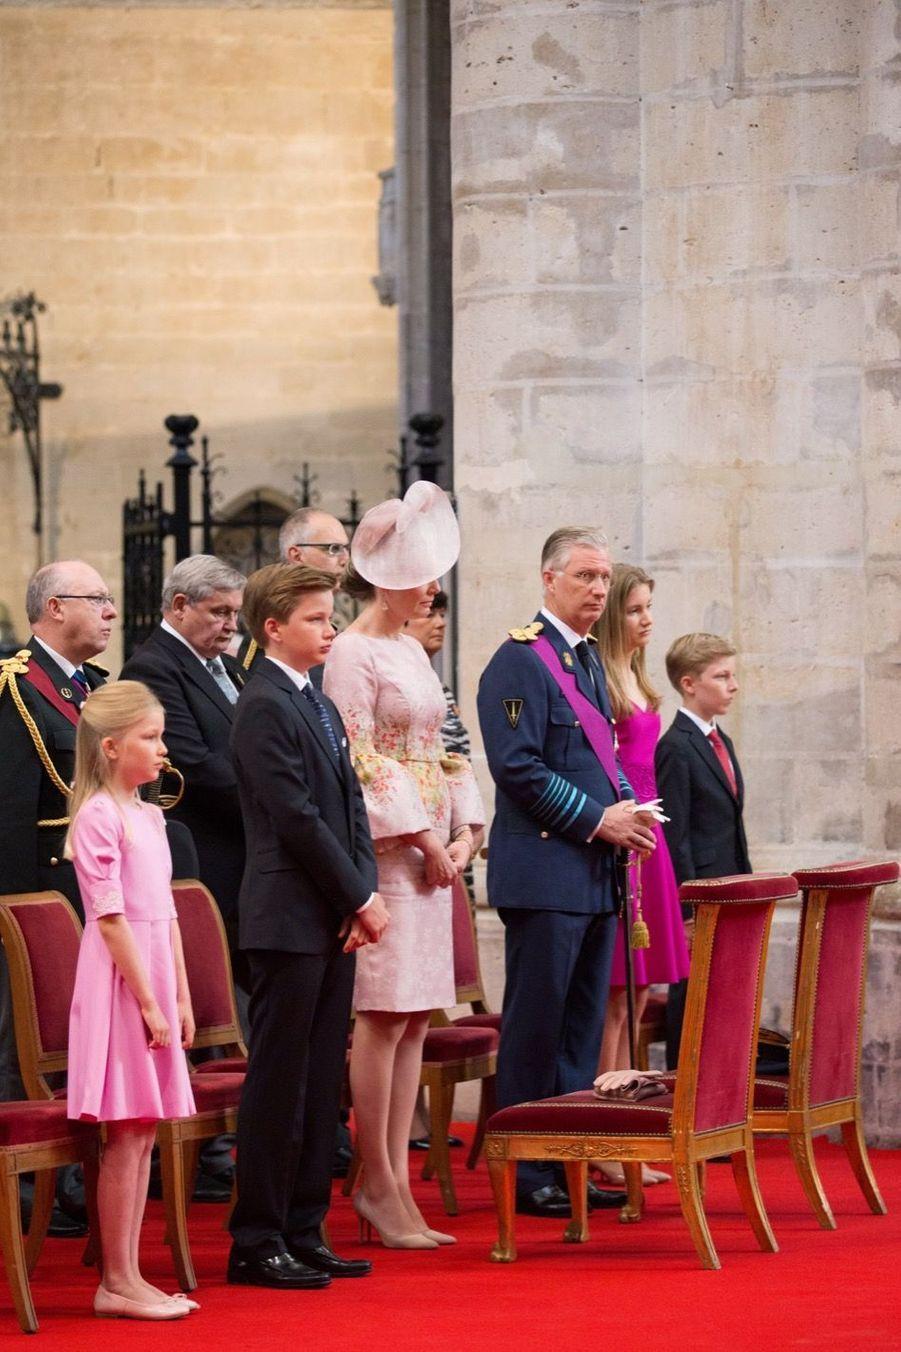 La Famille Royale Belge À La Cathédrale Saints Michel et Gudule De Bruxelles 16